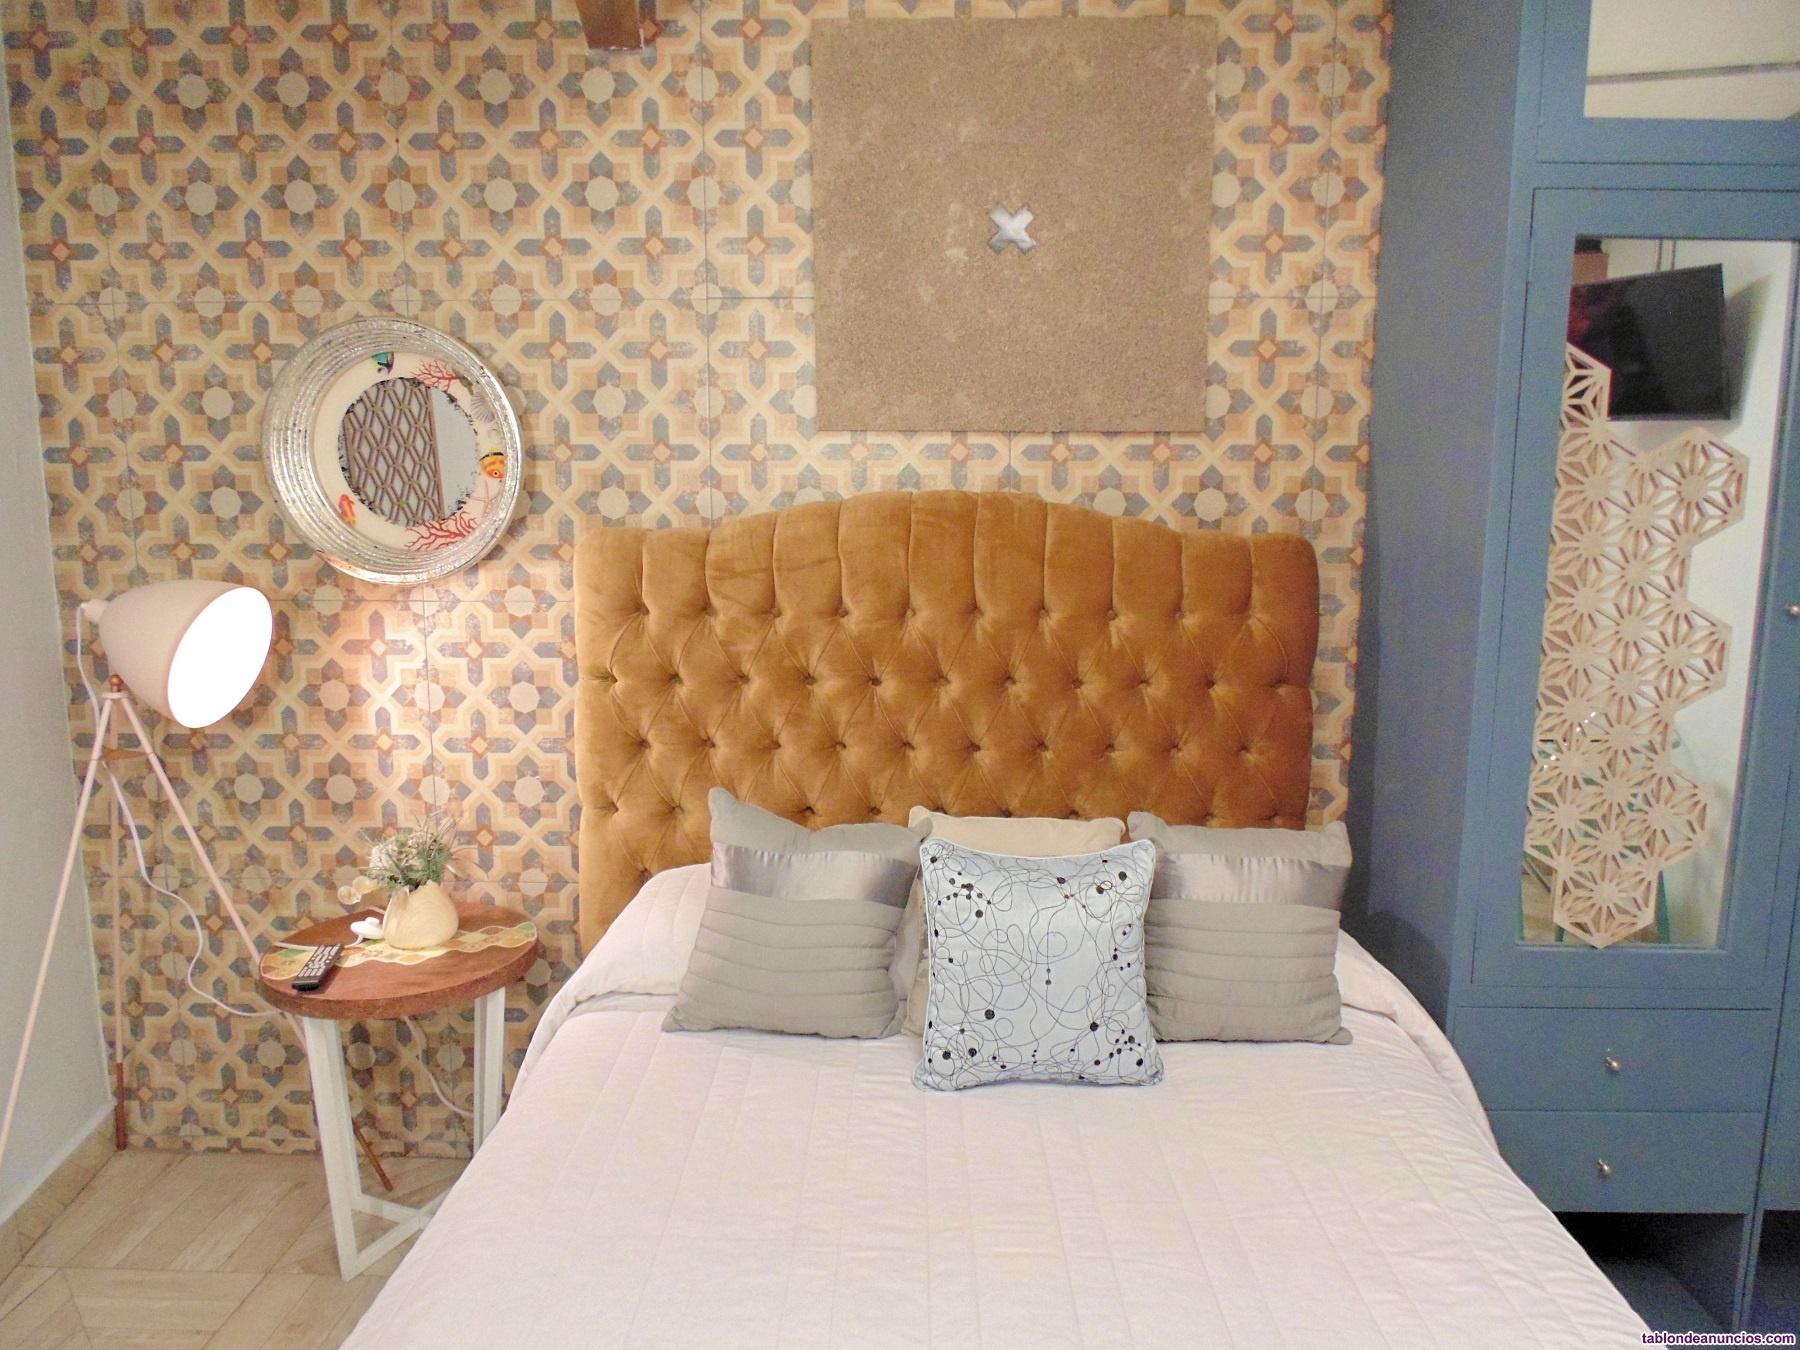 Suites amuebladas ideales para parejas